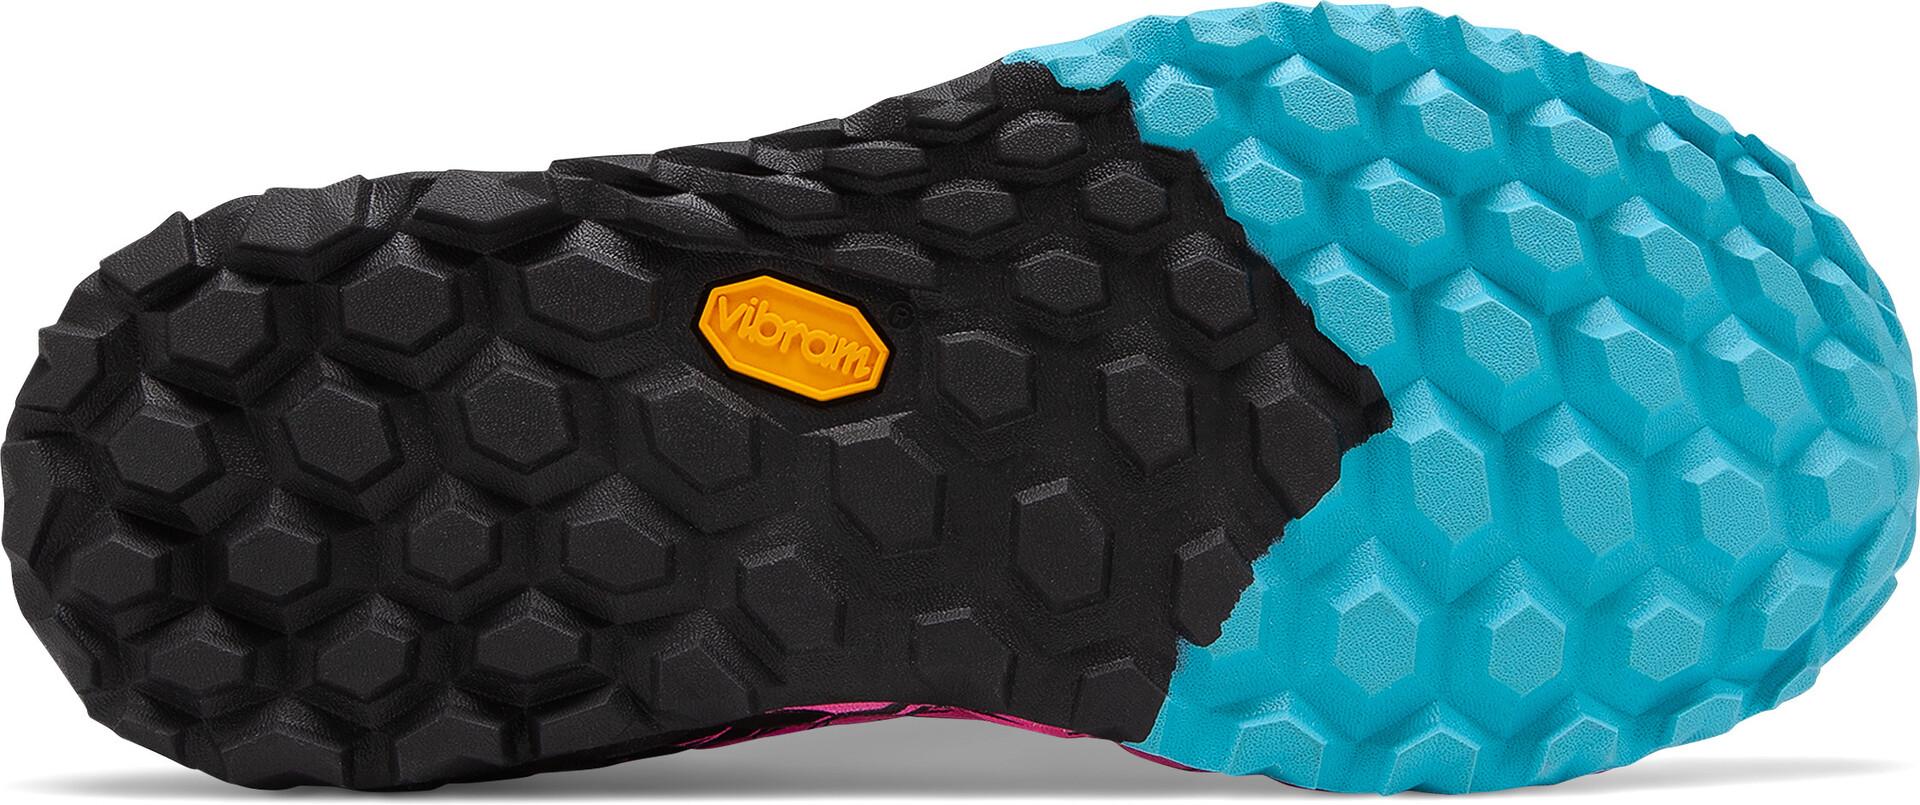 Zapatillas Hombre | New Balance 247 Luxe Vintage Indigo with